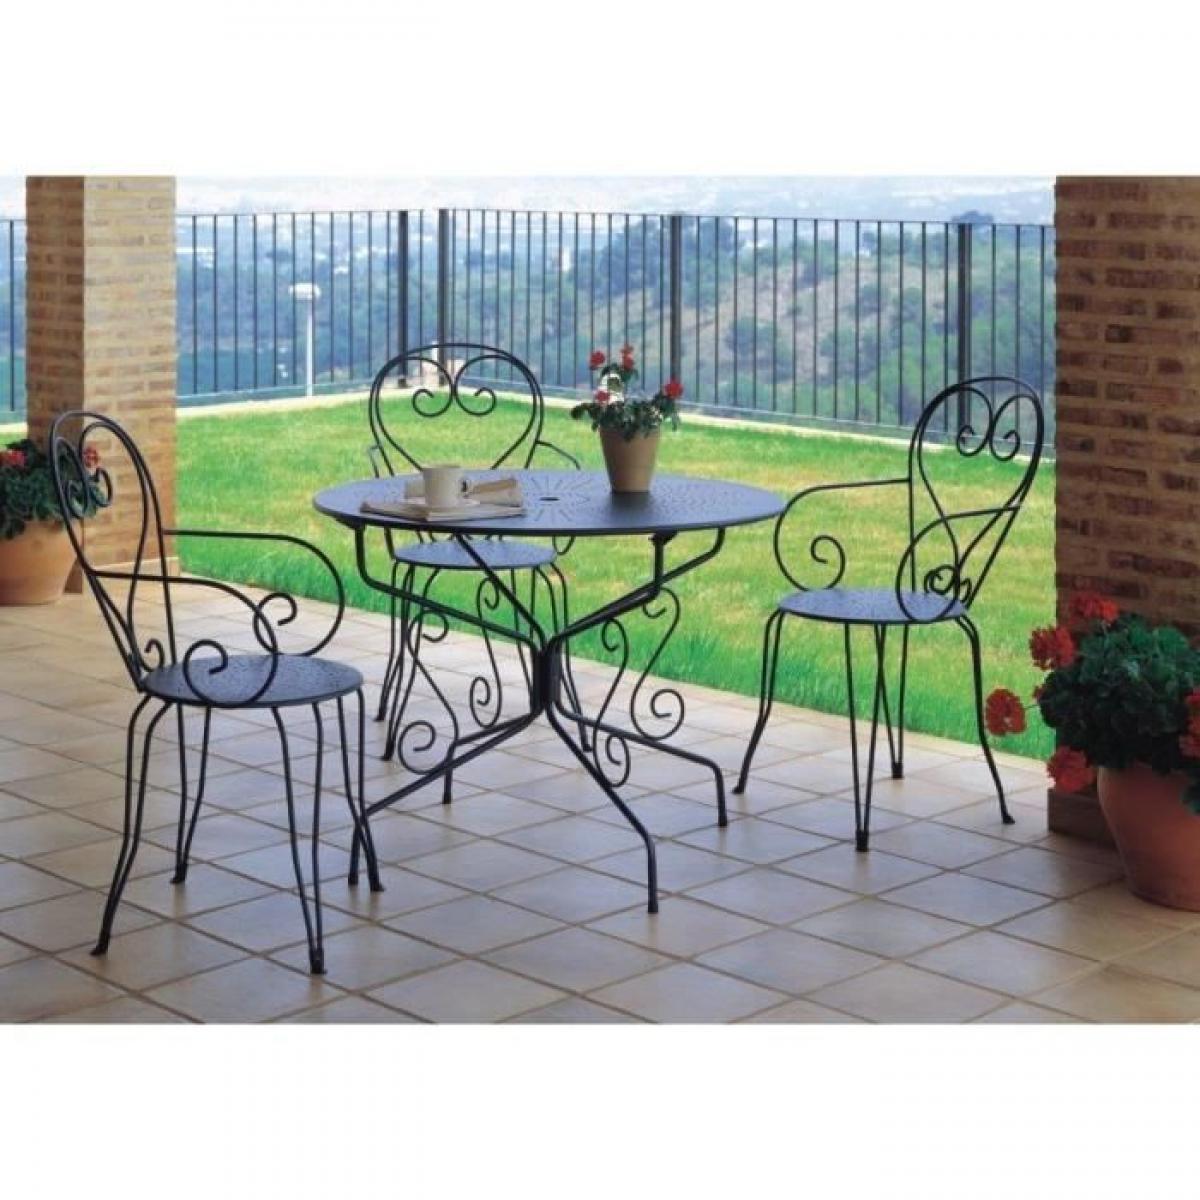 Sans Marque Table De Jardin Romantique En Fer Forge Avec Trou Central Pour Parasol - 95 Cm - Vert/gris